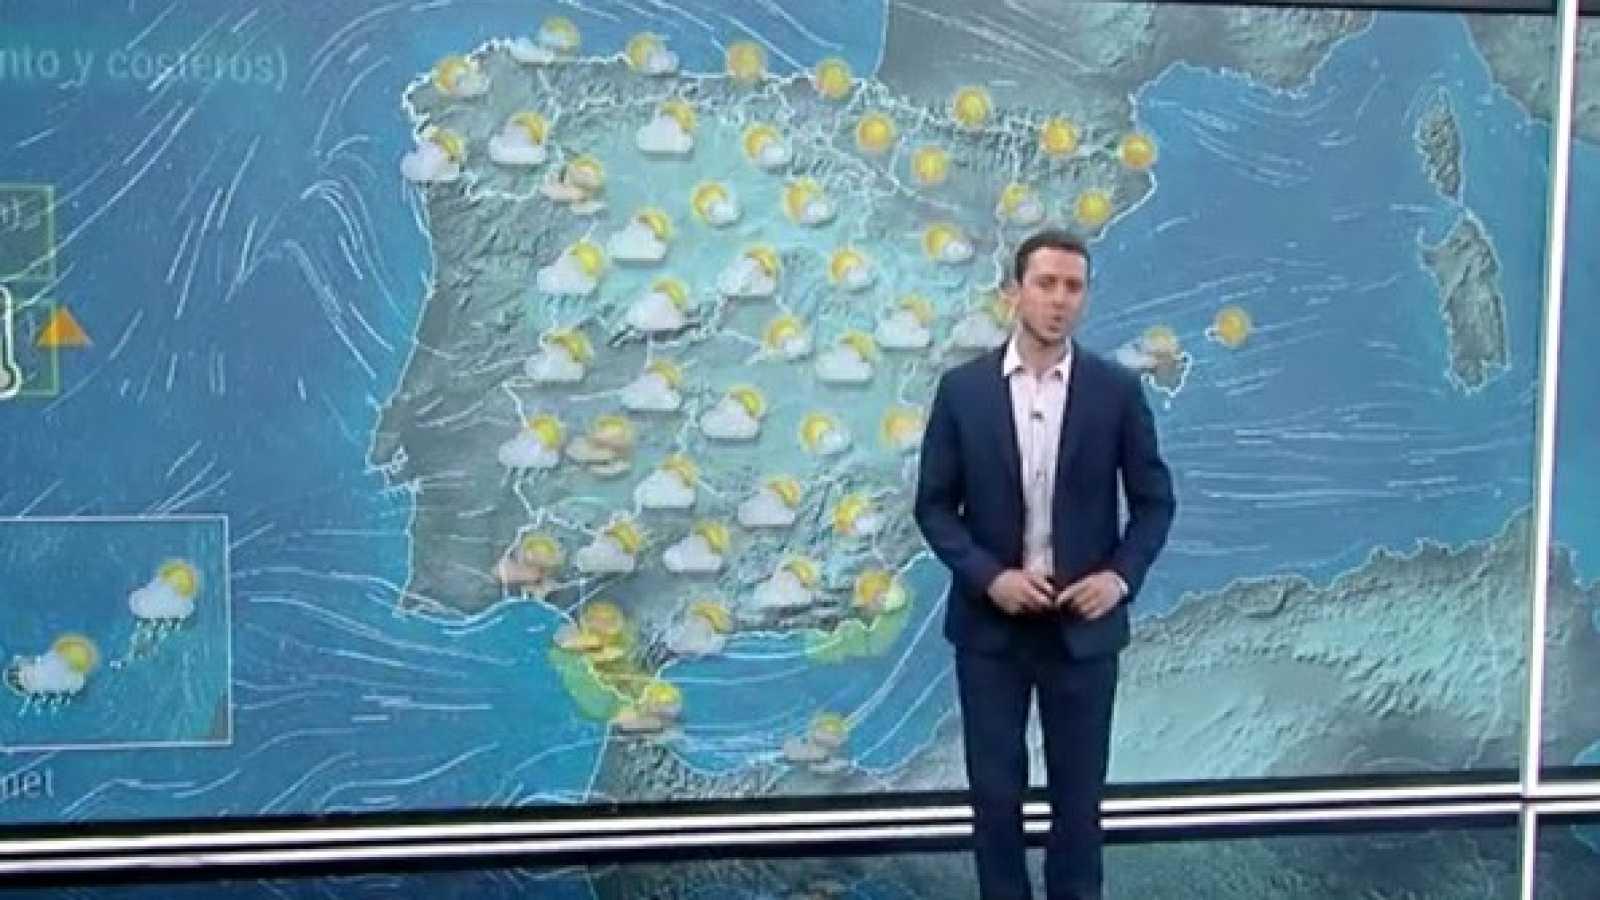 La Aemet prevé intervalos nubosos y subida de temperaturas excepto en Galicia y Extremadura